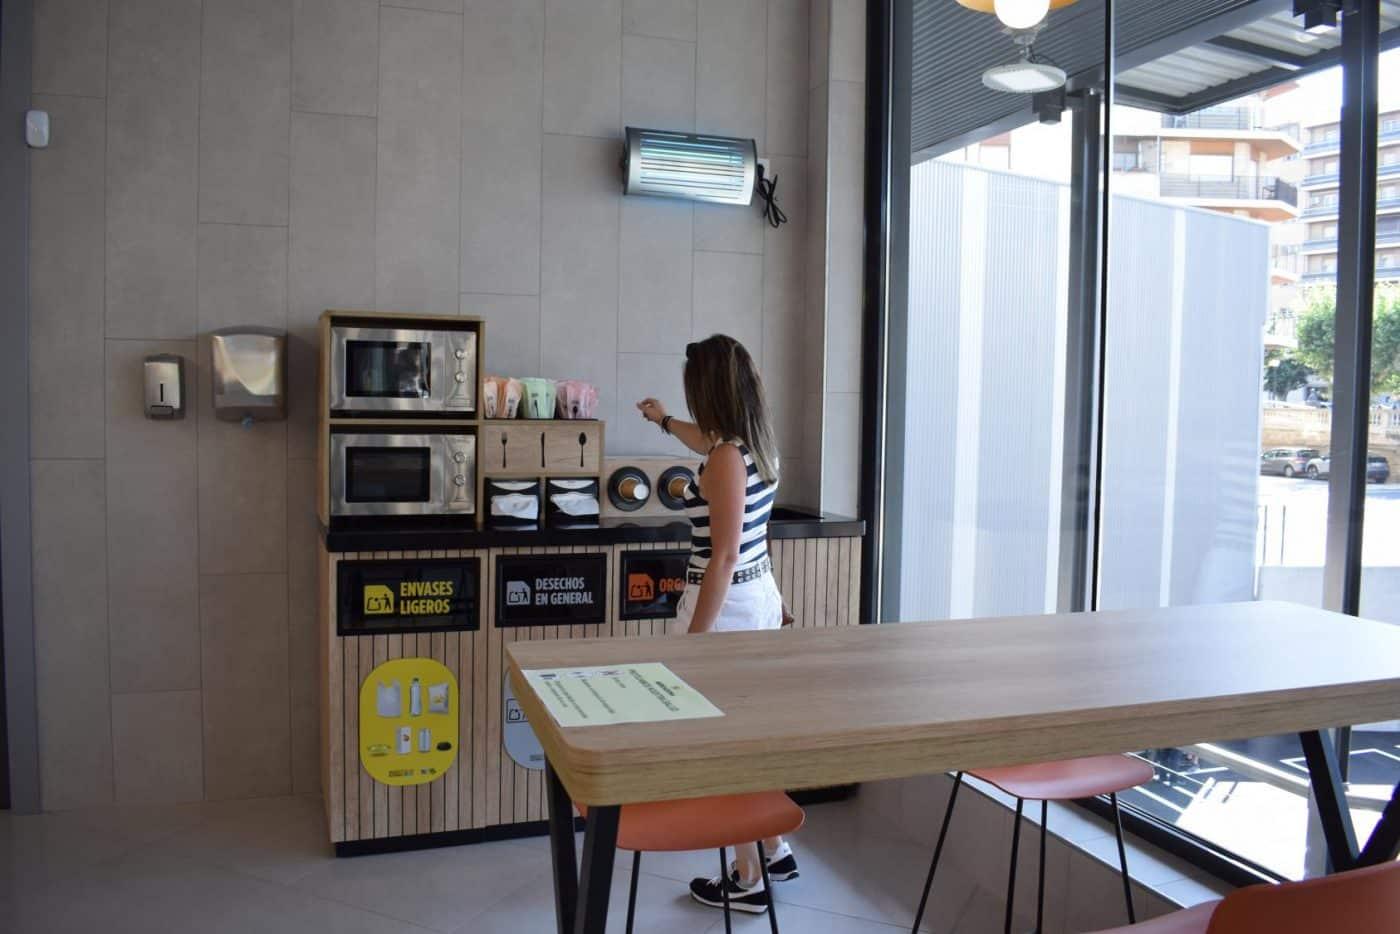 Mercadona inaugura en Haro su nuevo supermercado 'eficiente': 6 millones de euros de inversión 5